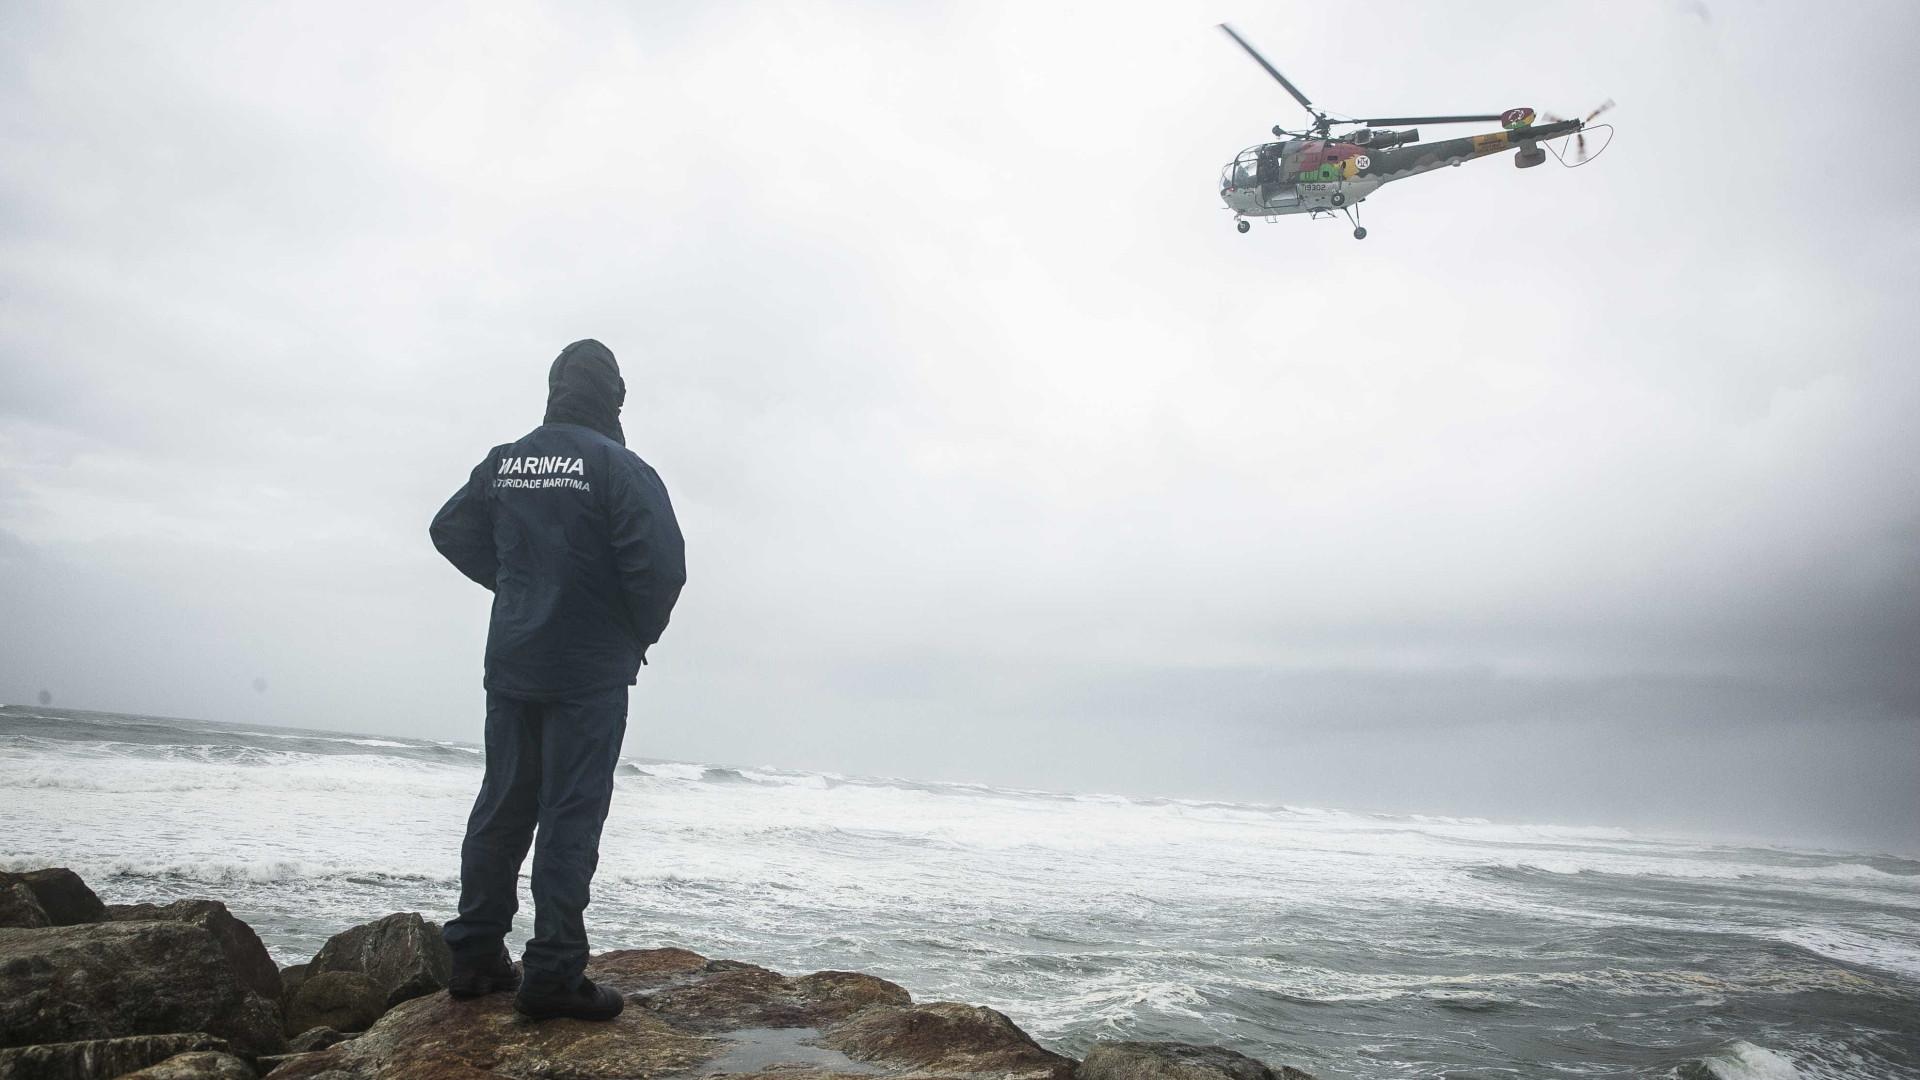 Buscas para encontrar jovem desaparecido mantêm-se por mar e terra